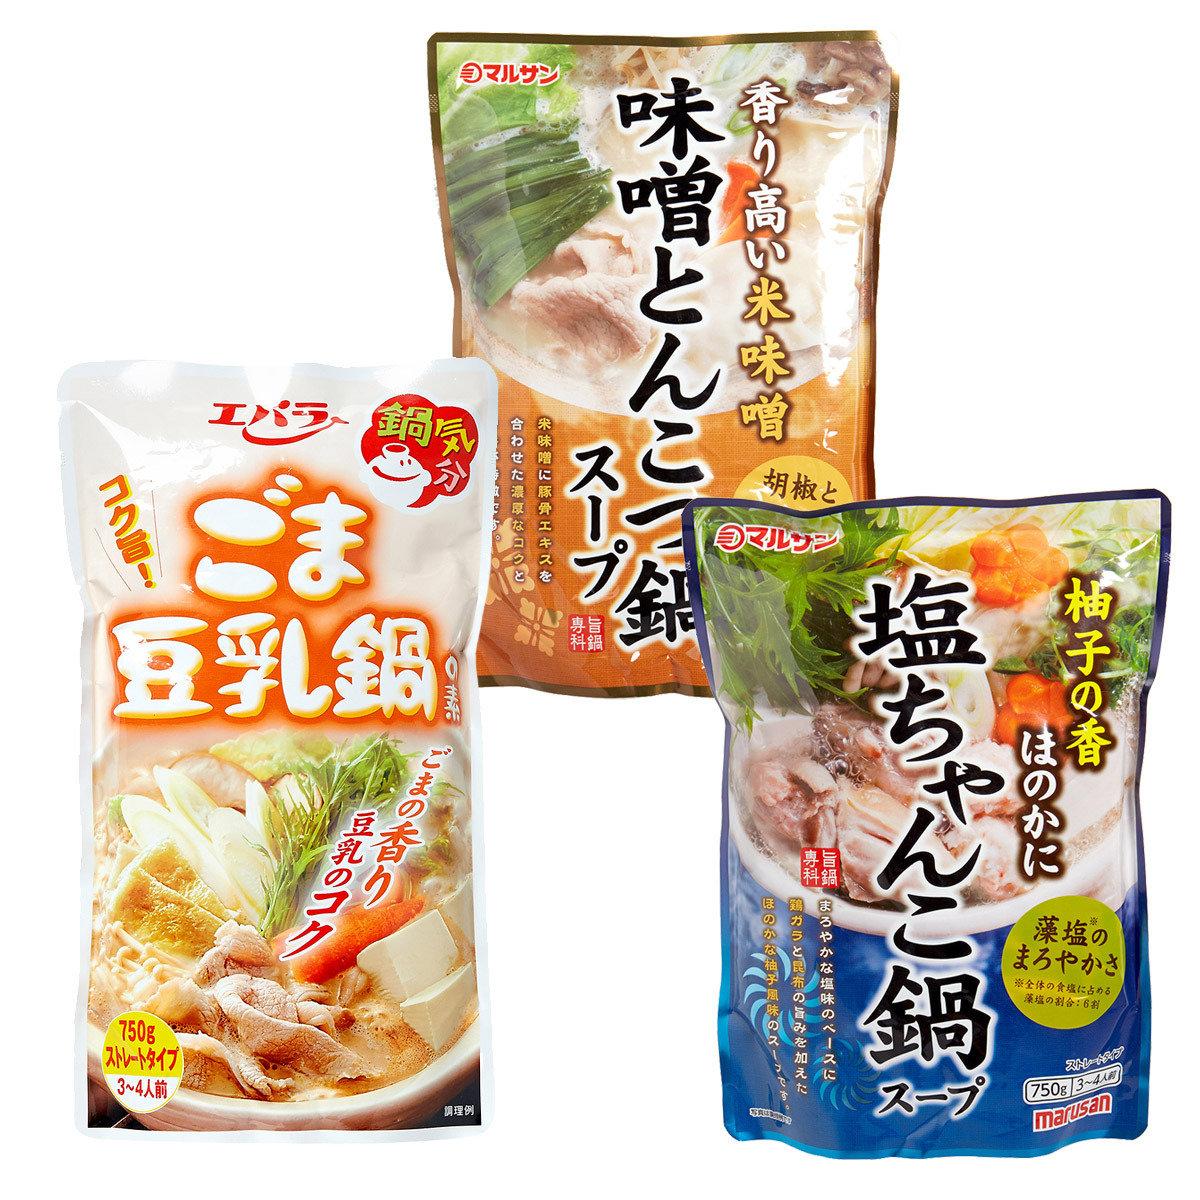 日式火鍋湯底懶人包